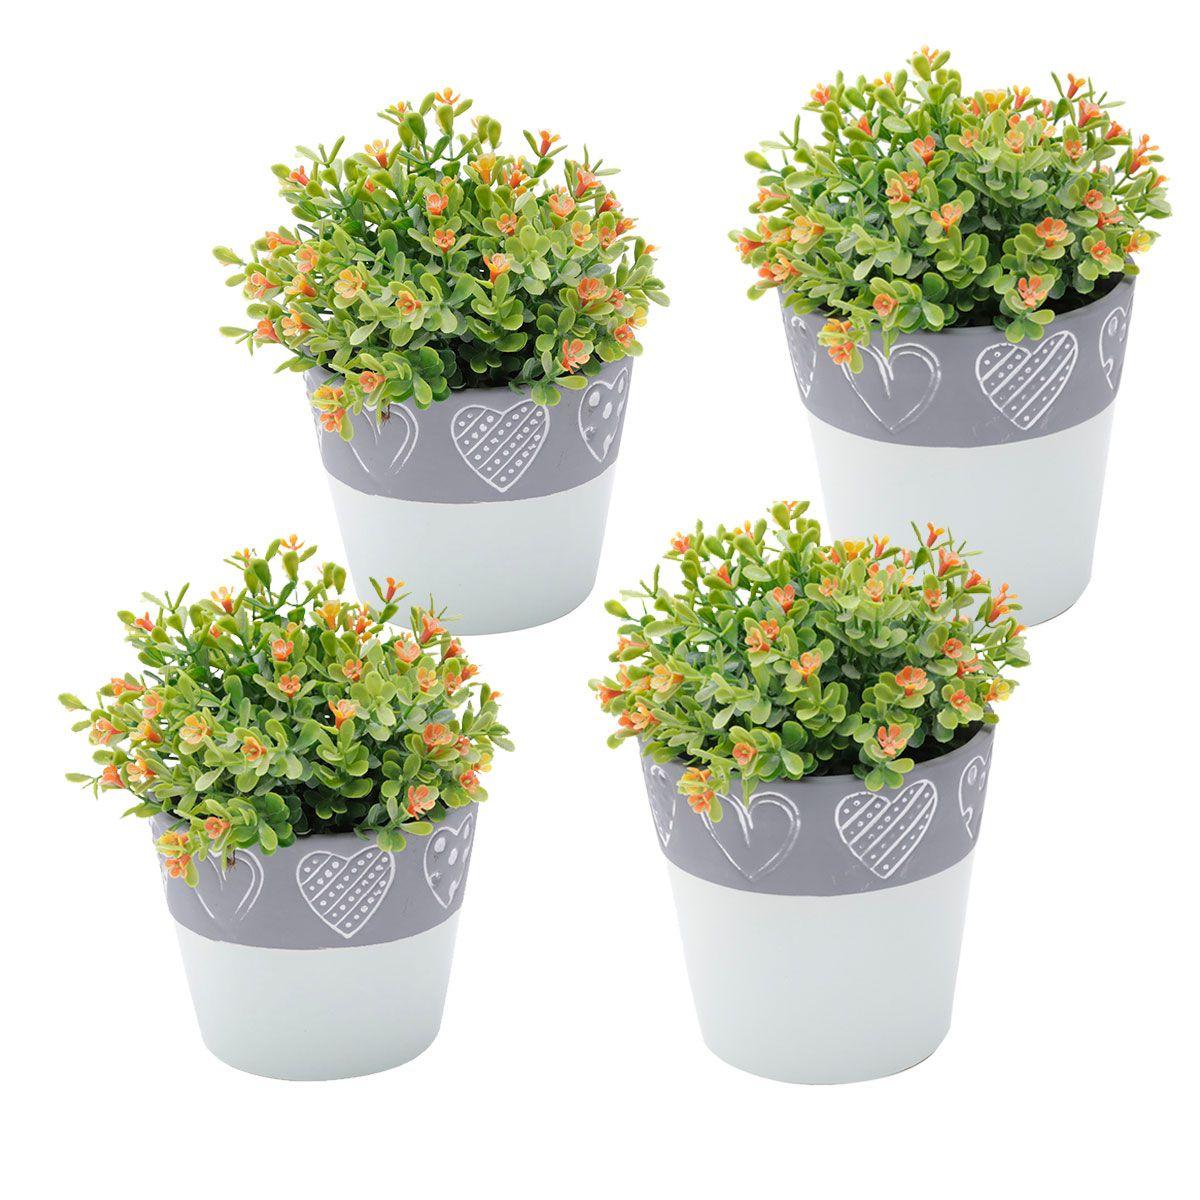 Kit 4 Vasos Concreto Decorativo Coração Verde e Cinza 2 Grande e 2 Médio